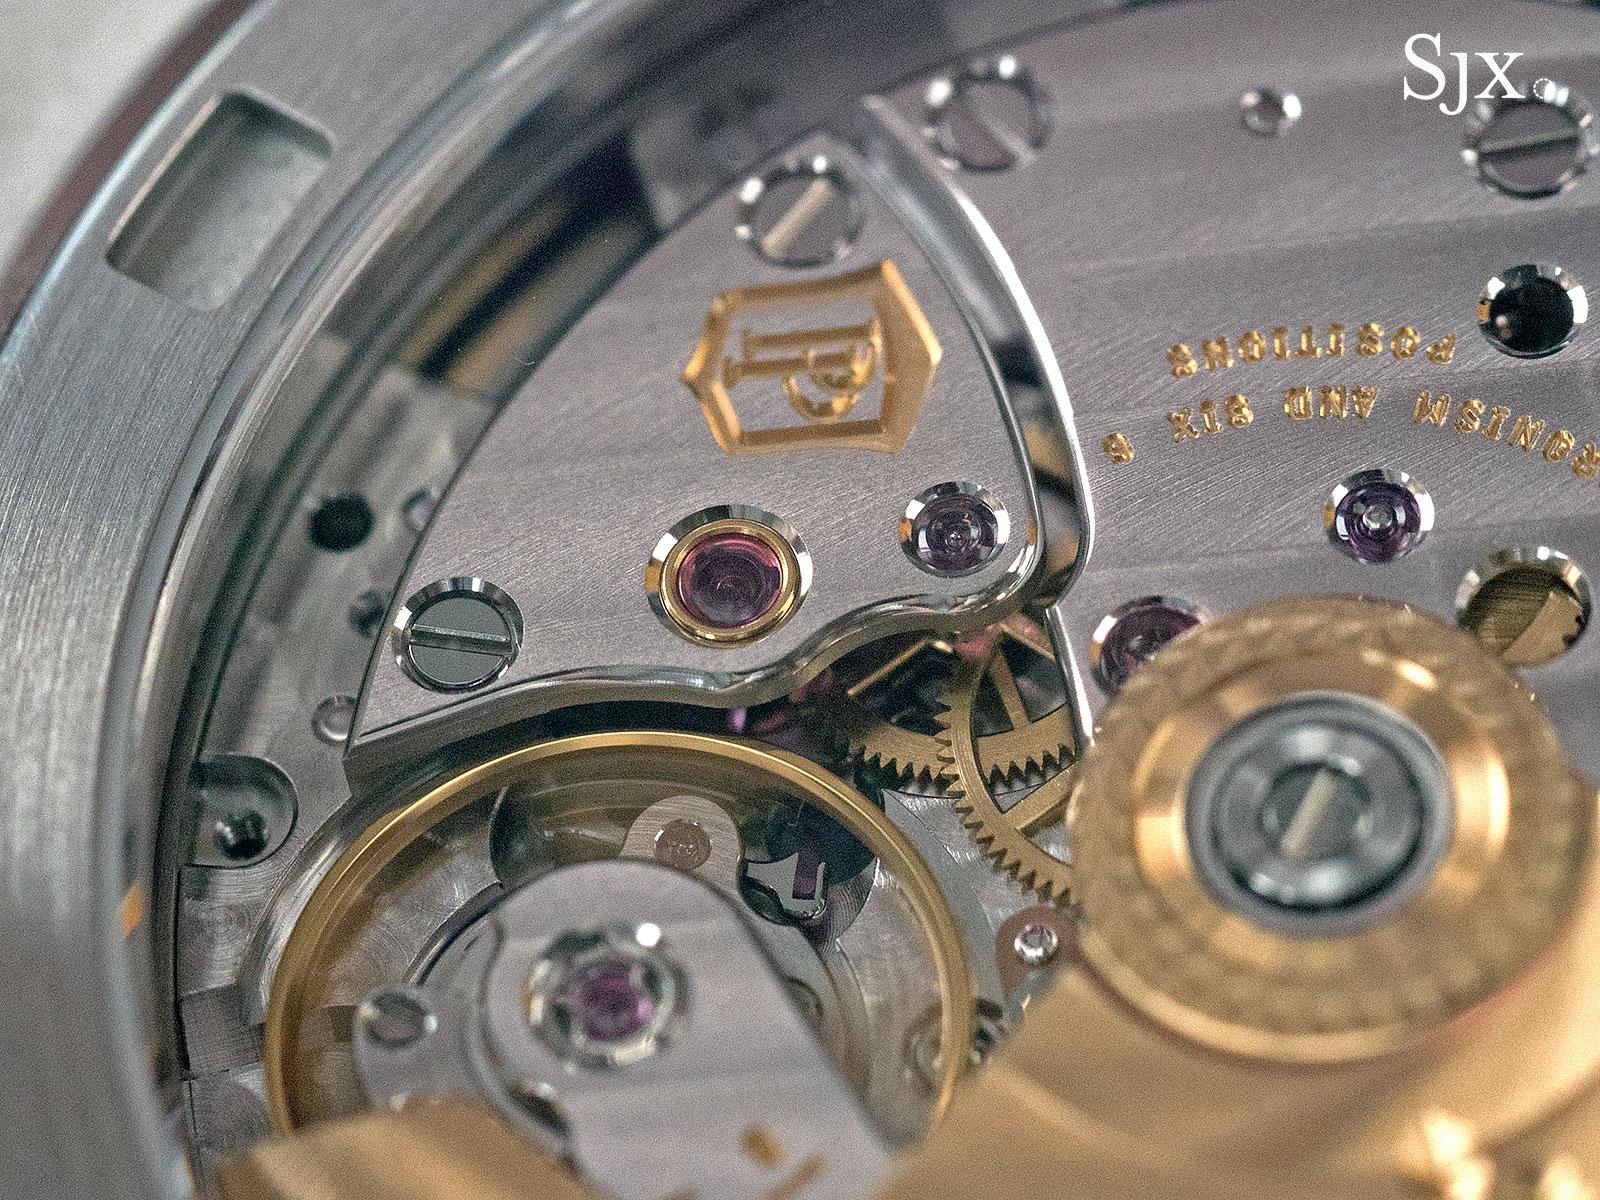 Patek Philippe Nautilus Ref. 5711-1P 40th Anniversary platinum 15